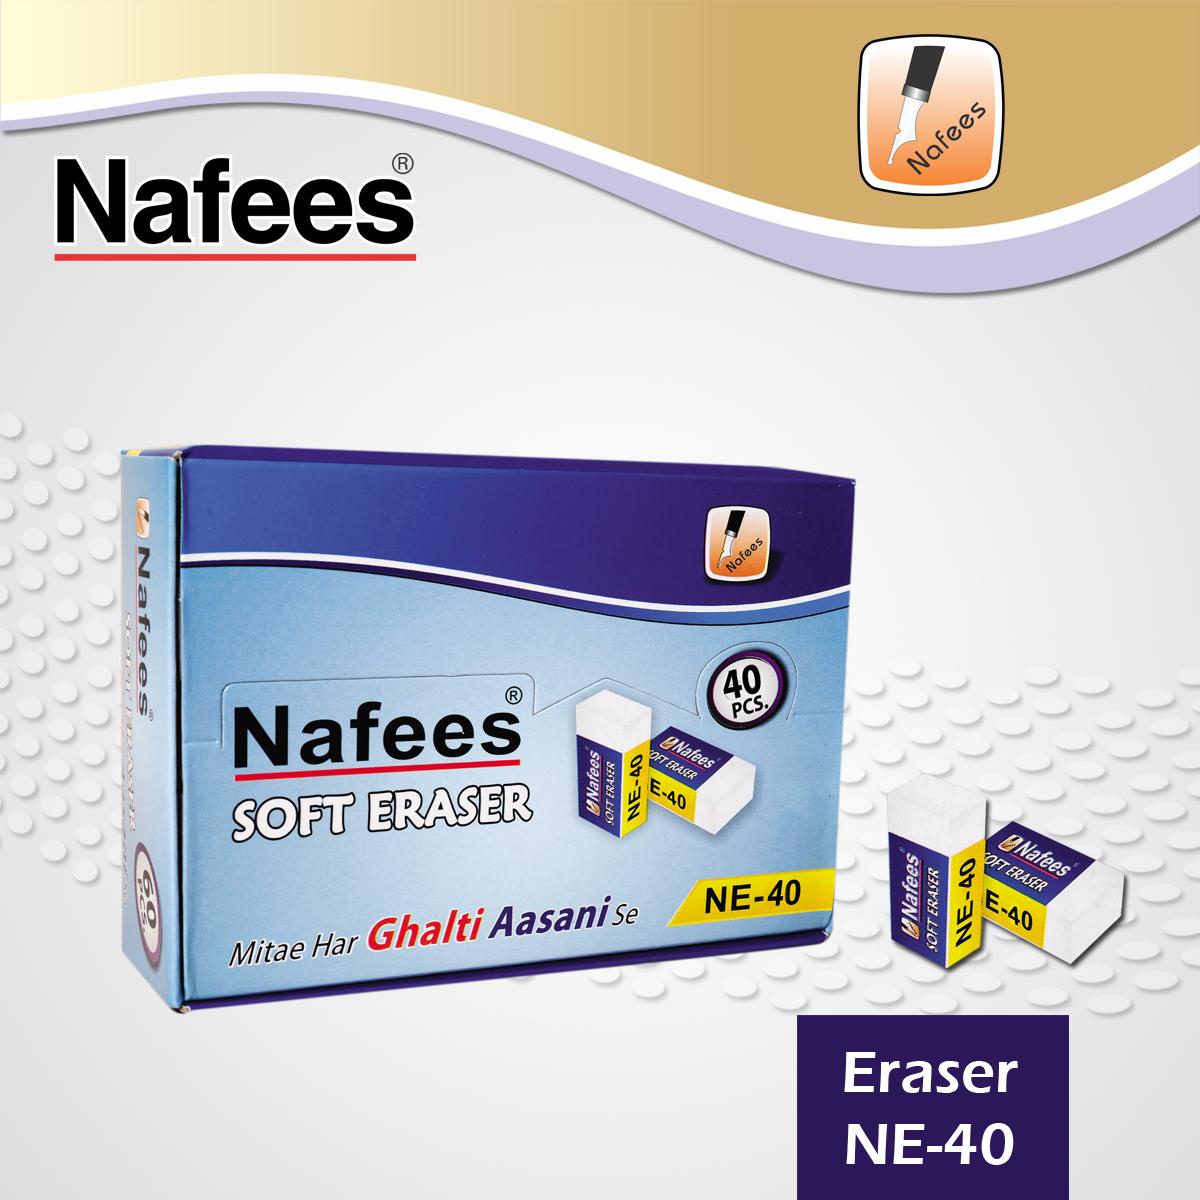 NE-40 Eraser